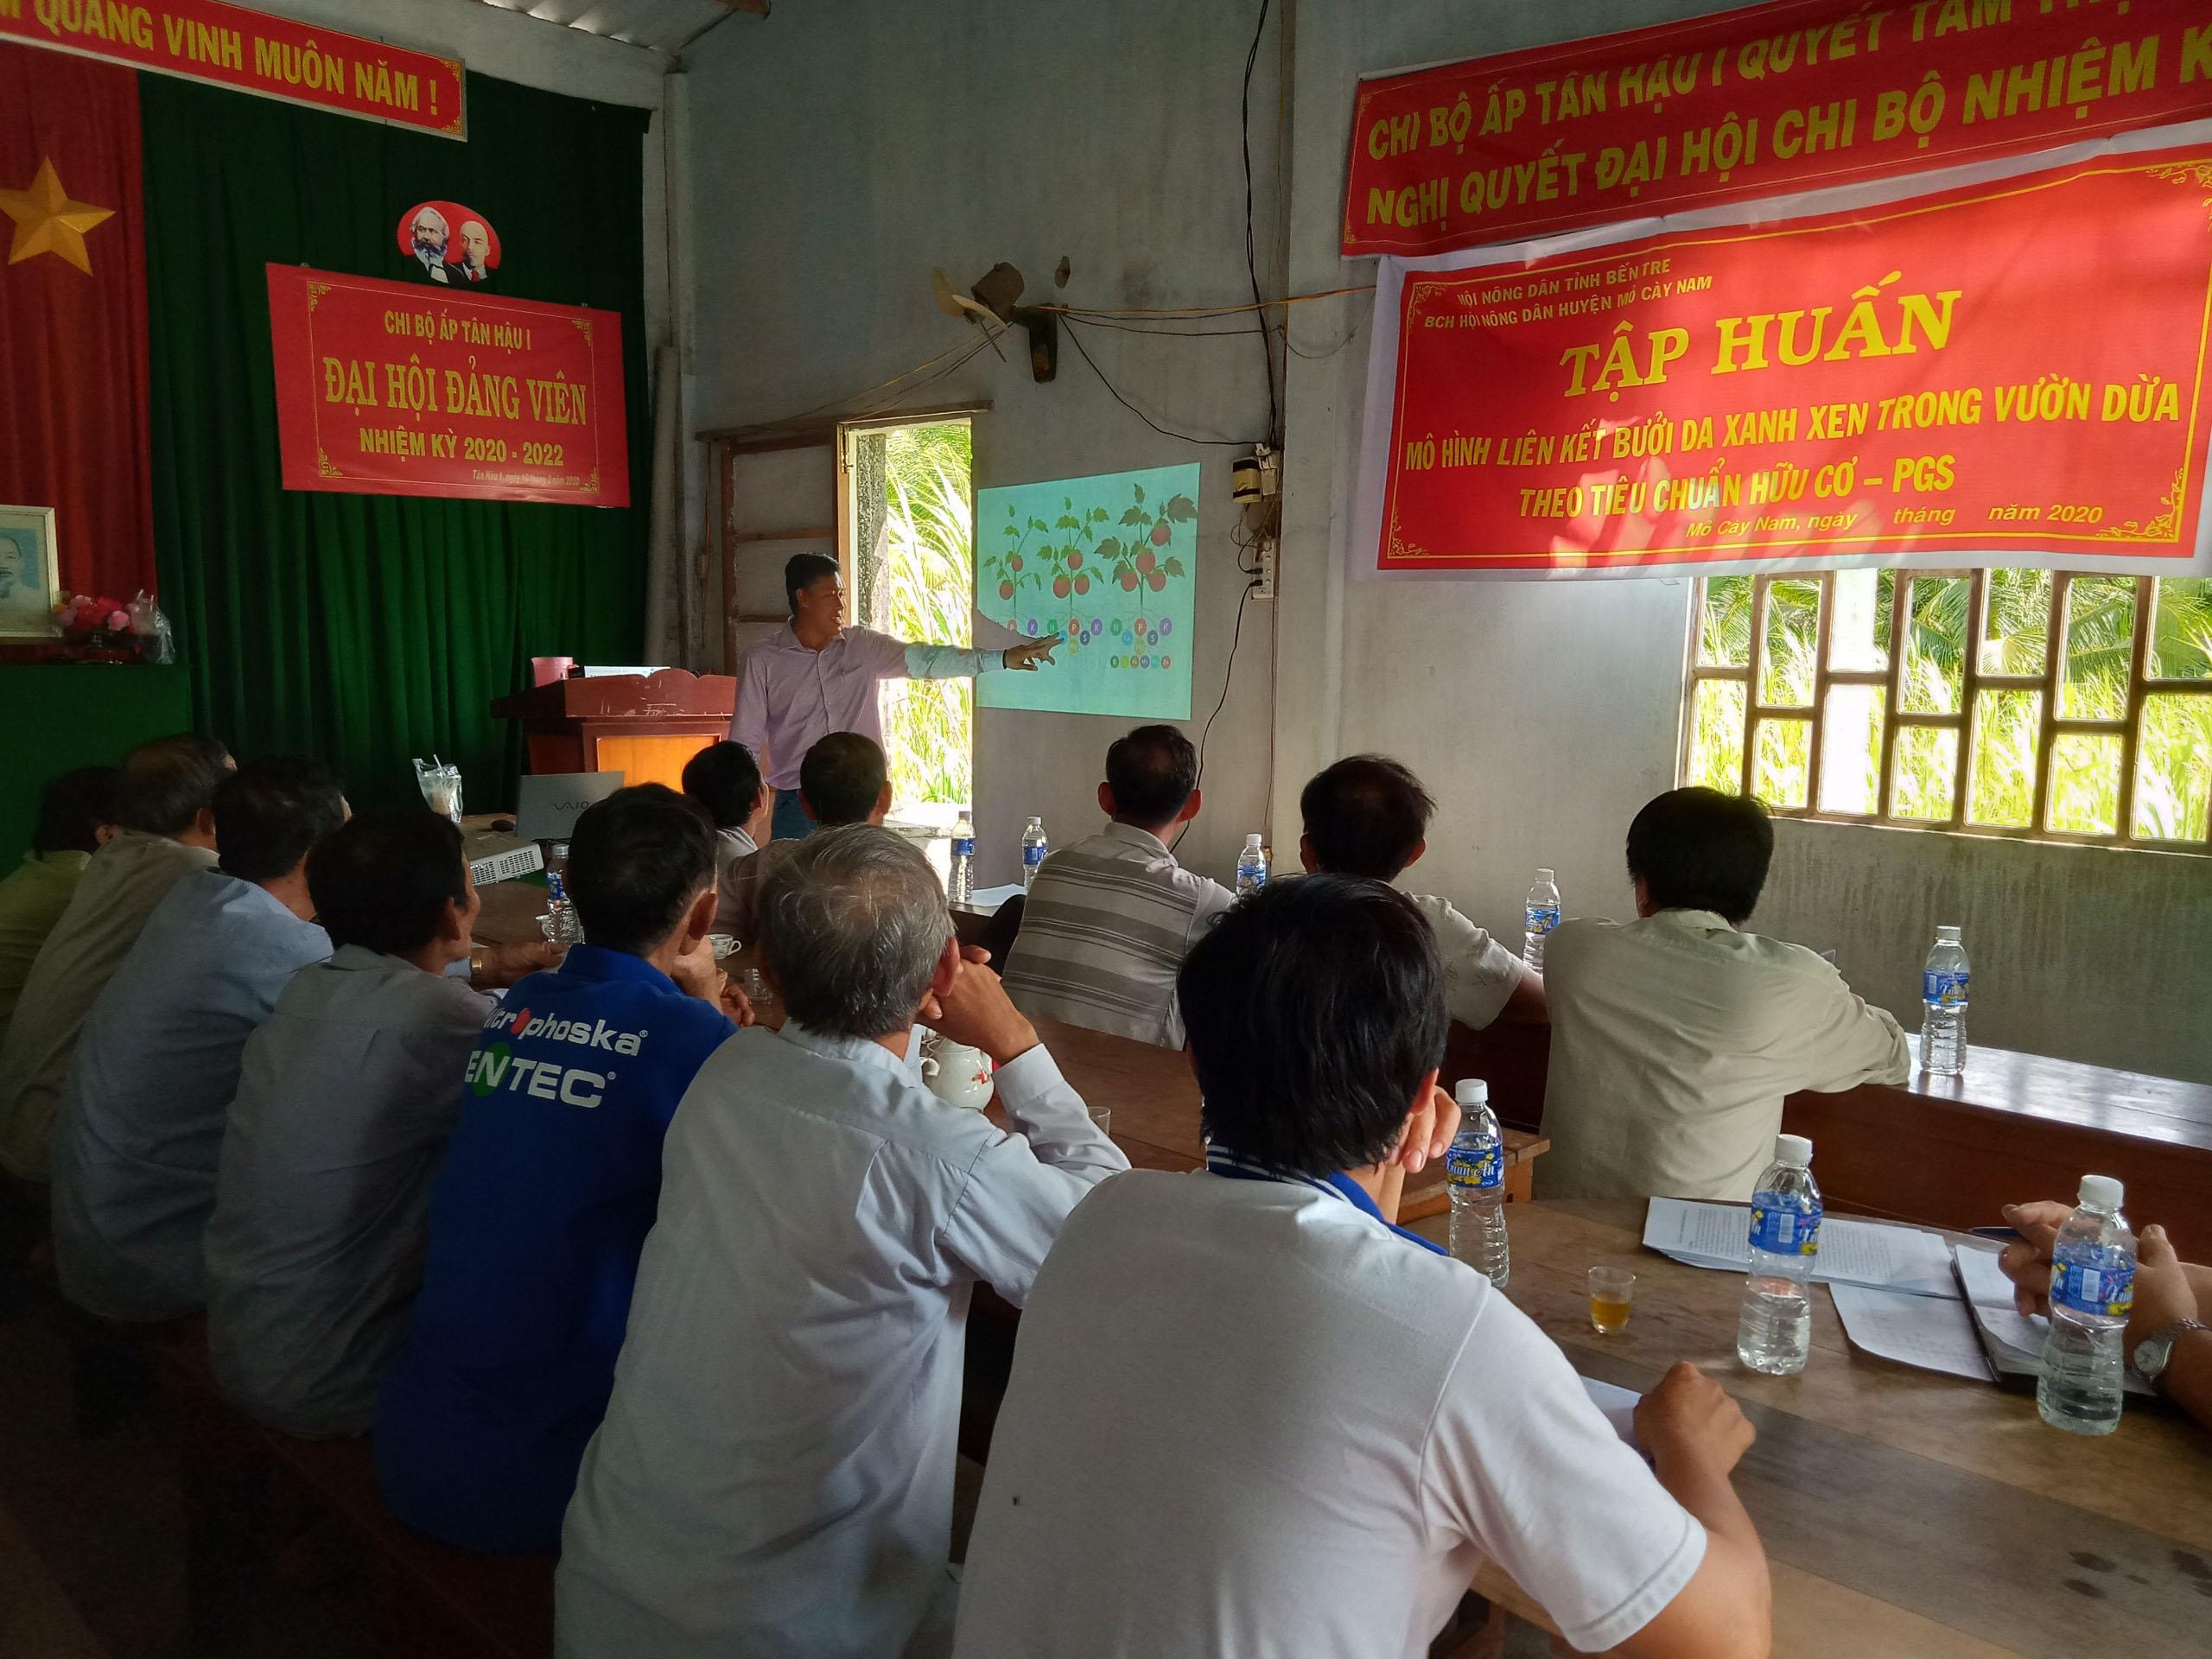 Xã Tân Trung, huyện Mỏ Cày Nam chuyển giao quy trình kỹ thuật chăm sóc cây bưởi da xanh xen trong vườn dừa theo tiêu chuẩn hữu cơ – PGS